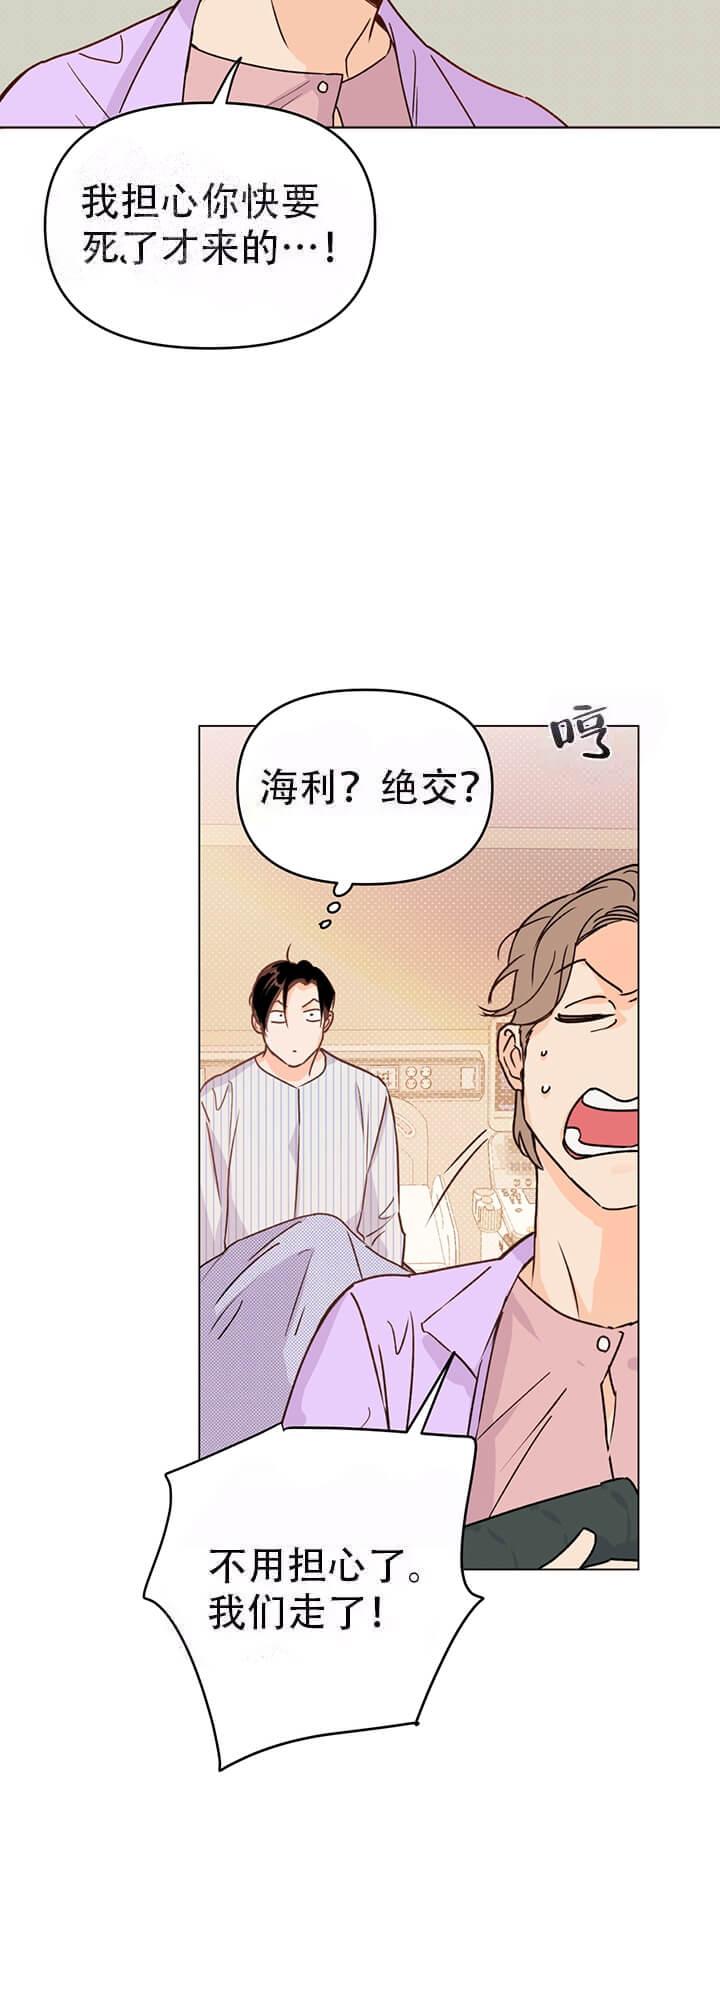 韩漫 | 《关上闪光灯》从厌恶到恋人,雇佣兵的灵魂&艺人的身体  第5张